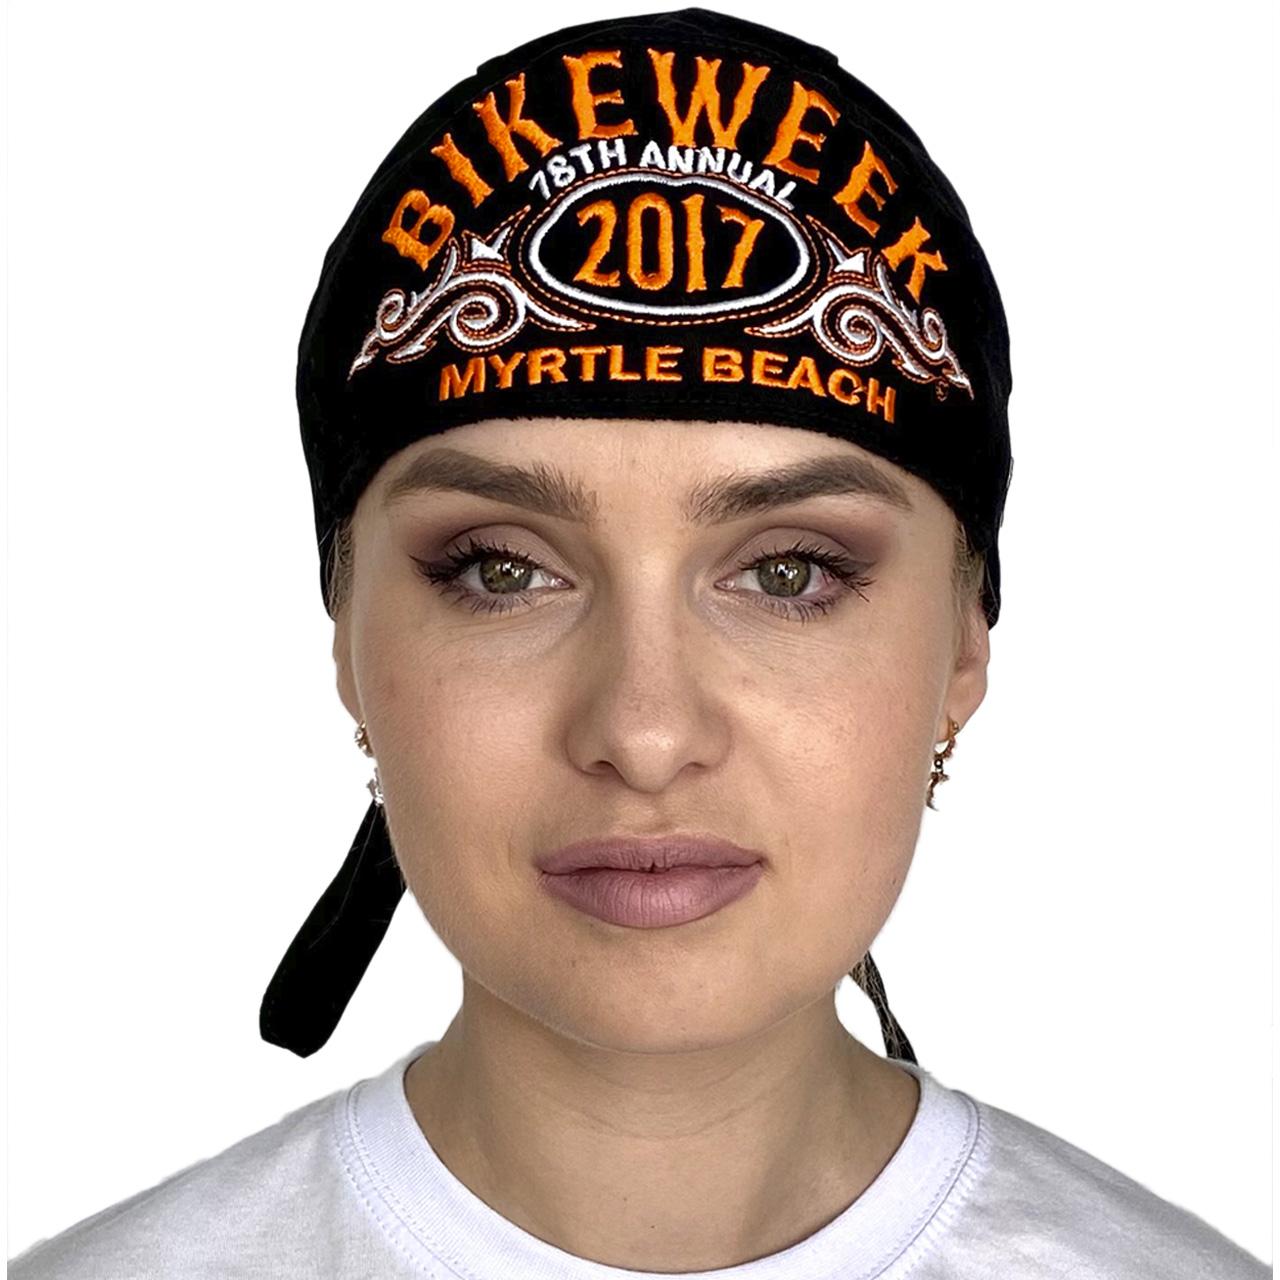 Байкерская повязка-бандана Myrtle Beach Bike Week